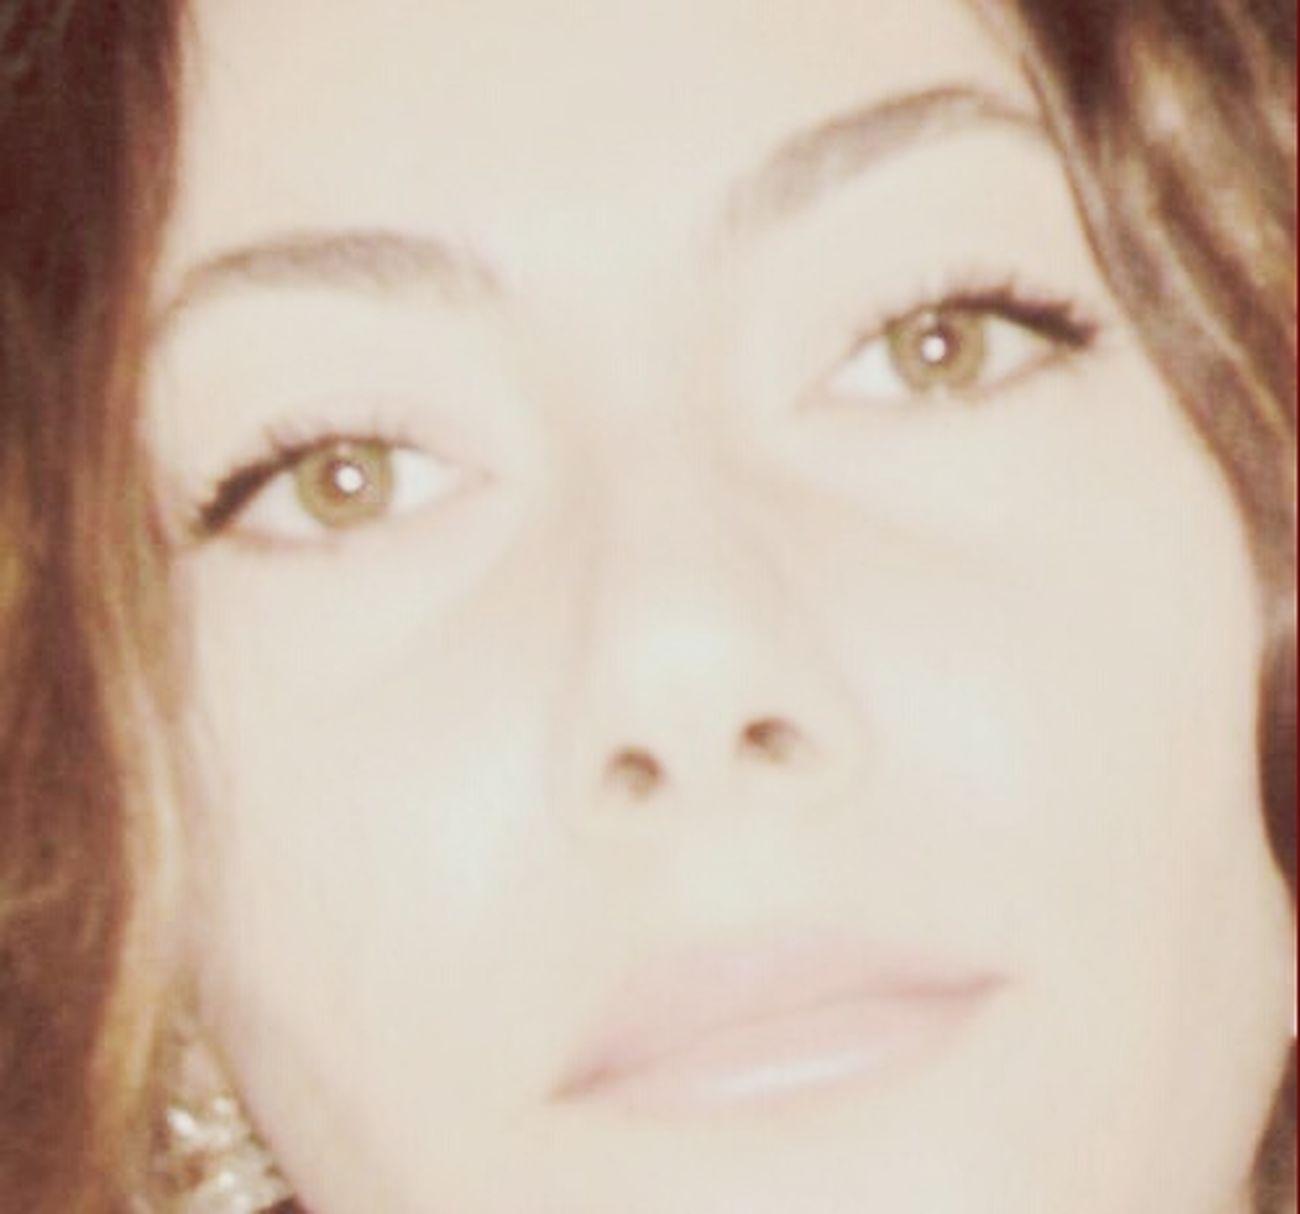 That's Me Enjoying Life Faces Of EyeEm Love Womenpower Me Myself Self Portrait Cerkes People Eyes